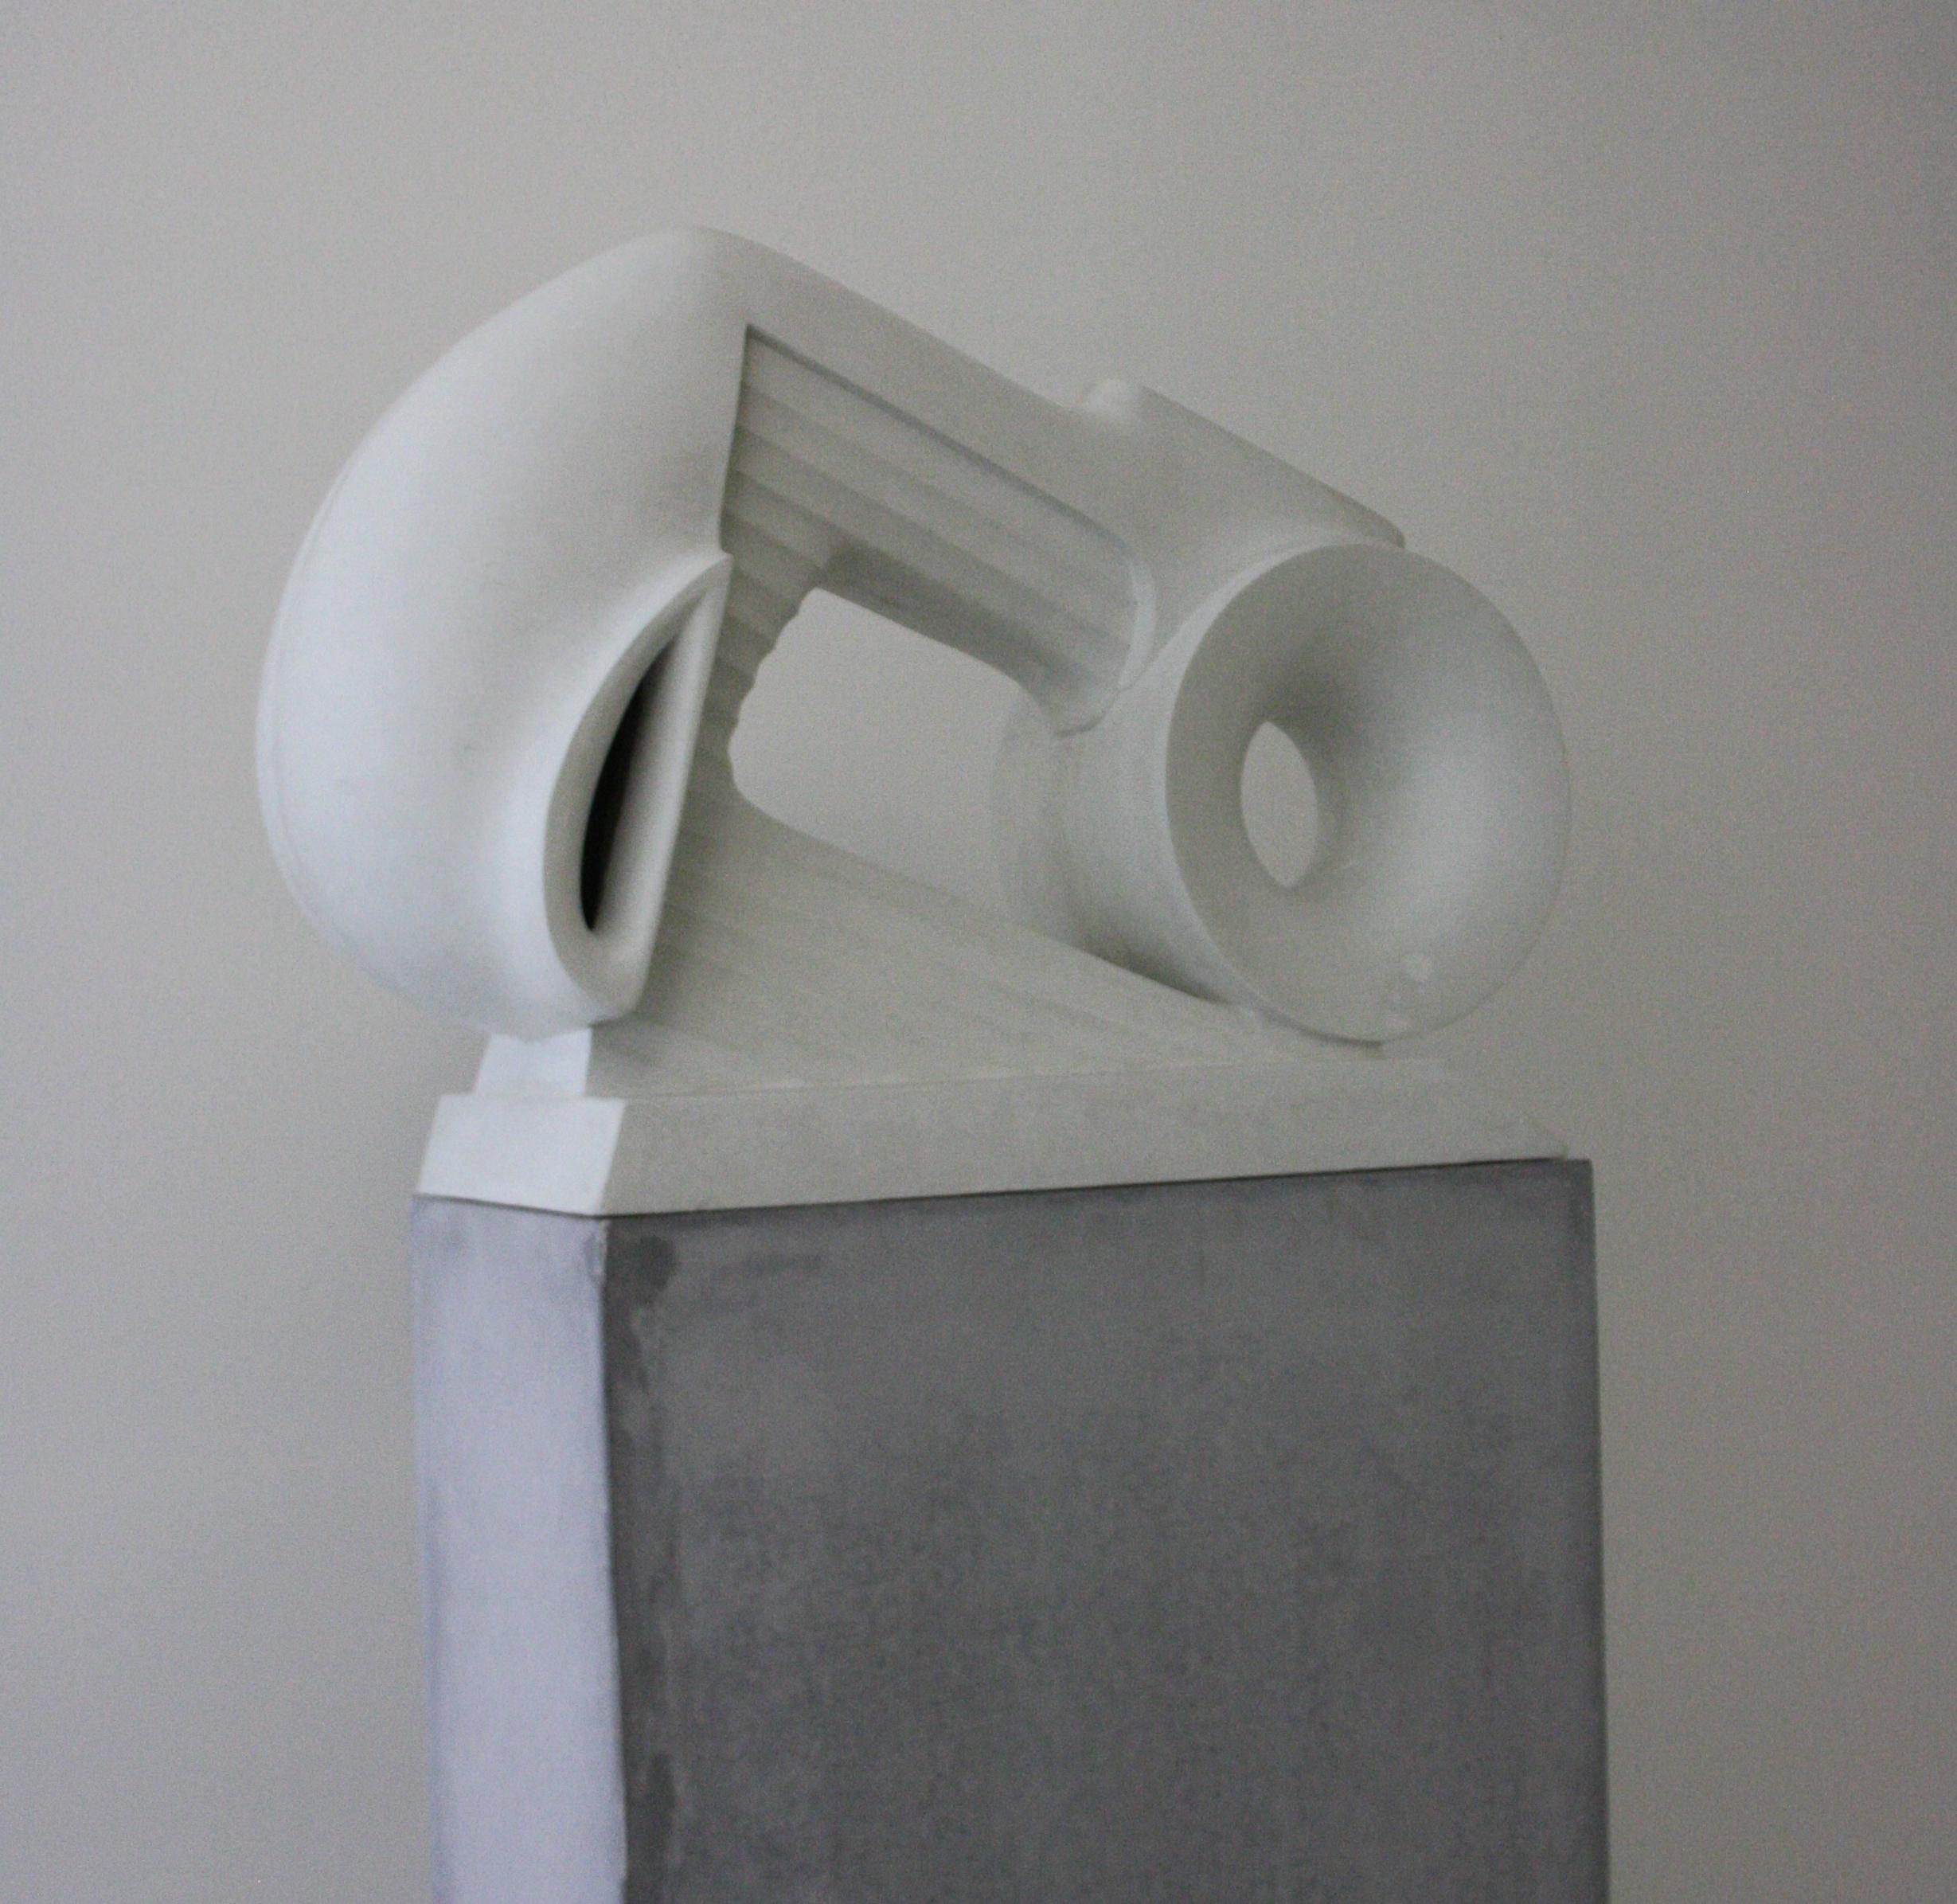 Stefan Milkov, Dynamikon, 2015, 47 x 66 cm